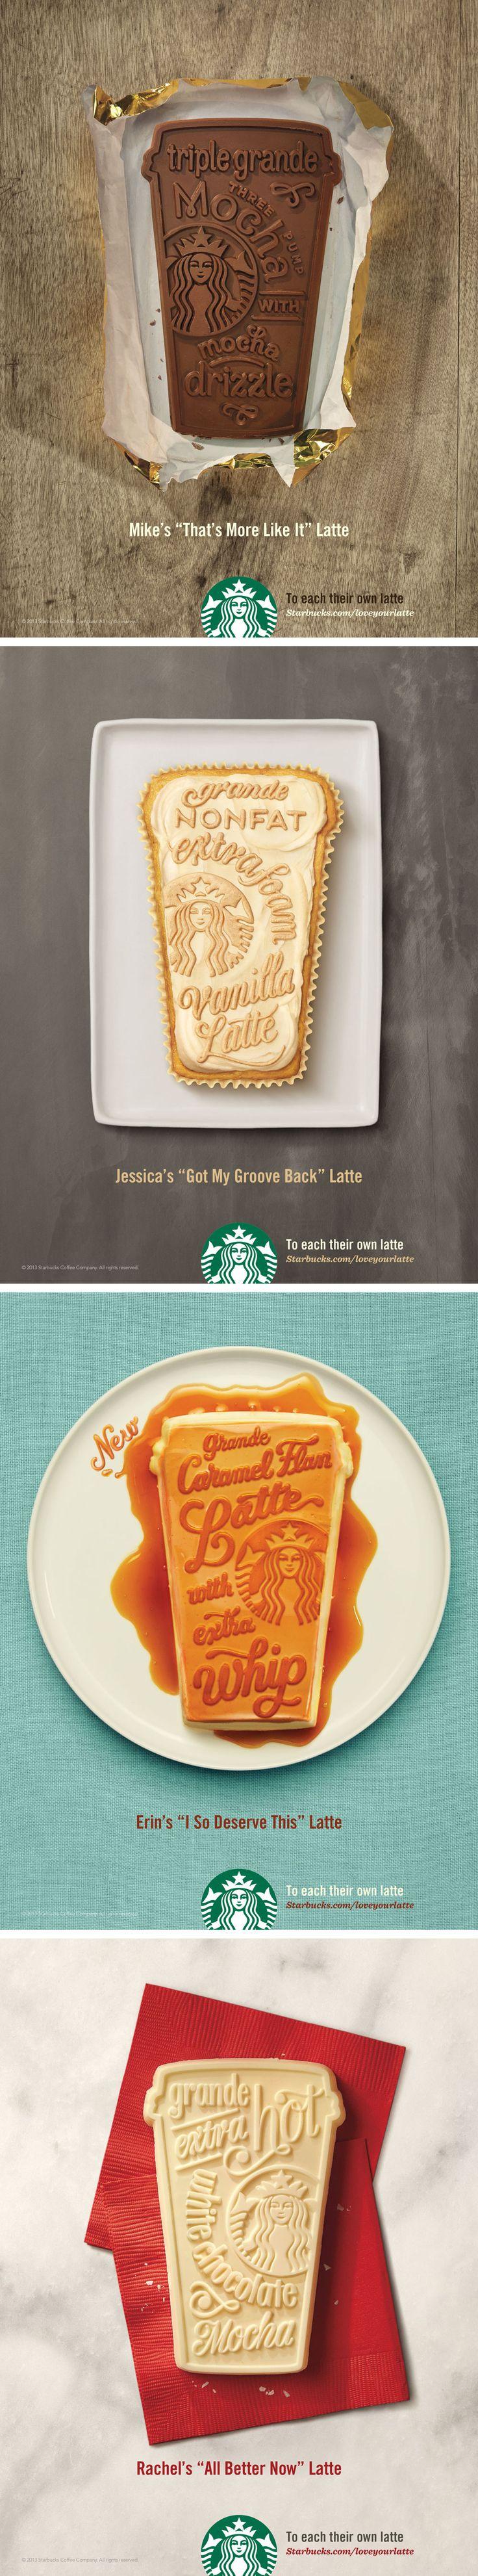 #Starbucks #ads. Type drawn by Jessica Hische #marketing